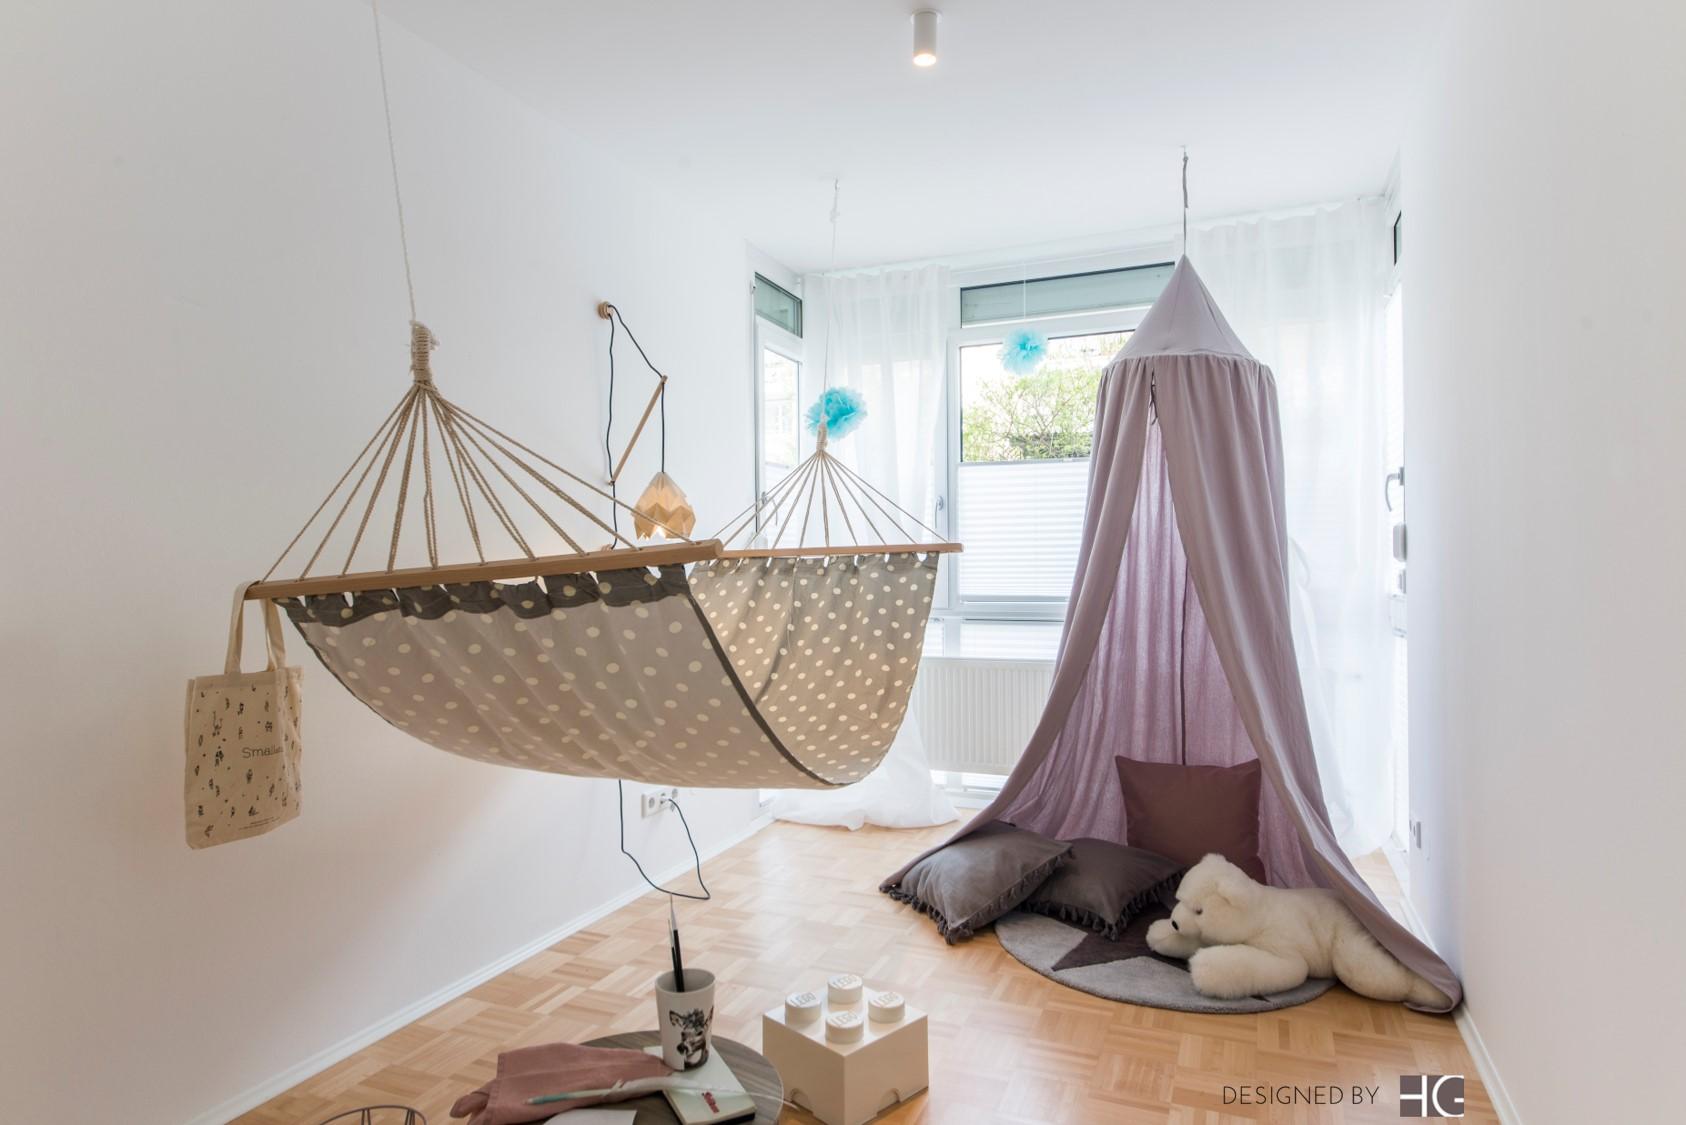 Home Staging Giesing Kinderzimmer mit Zelt homestager Geschka